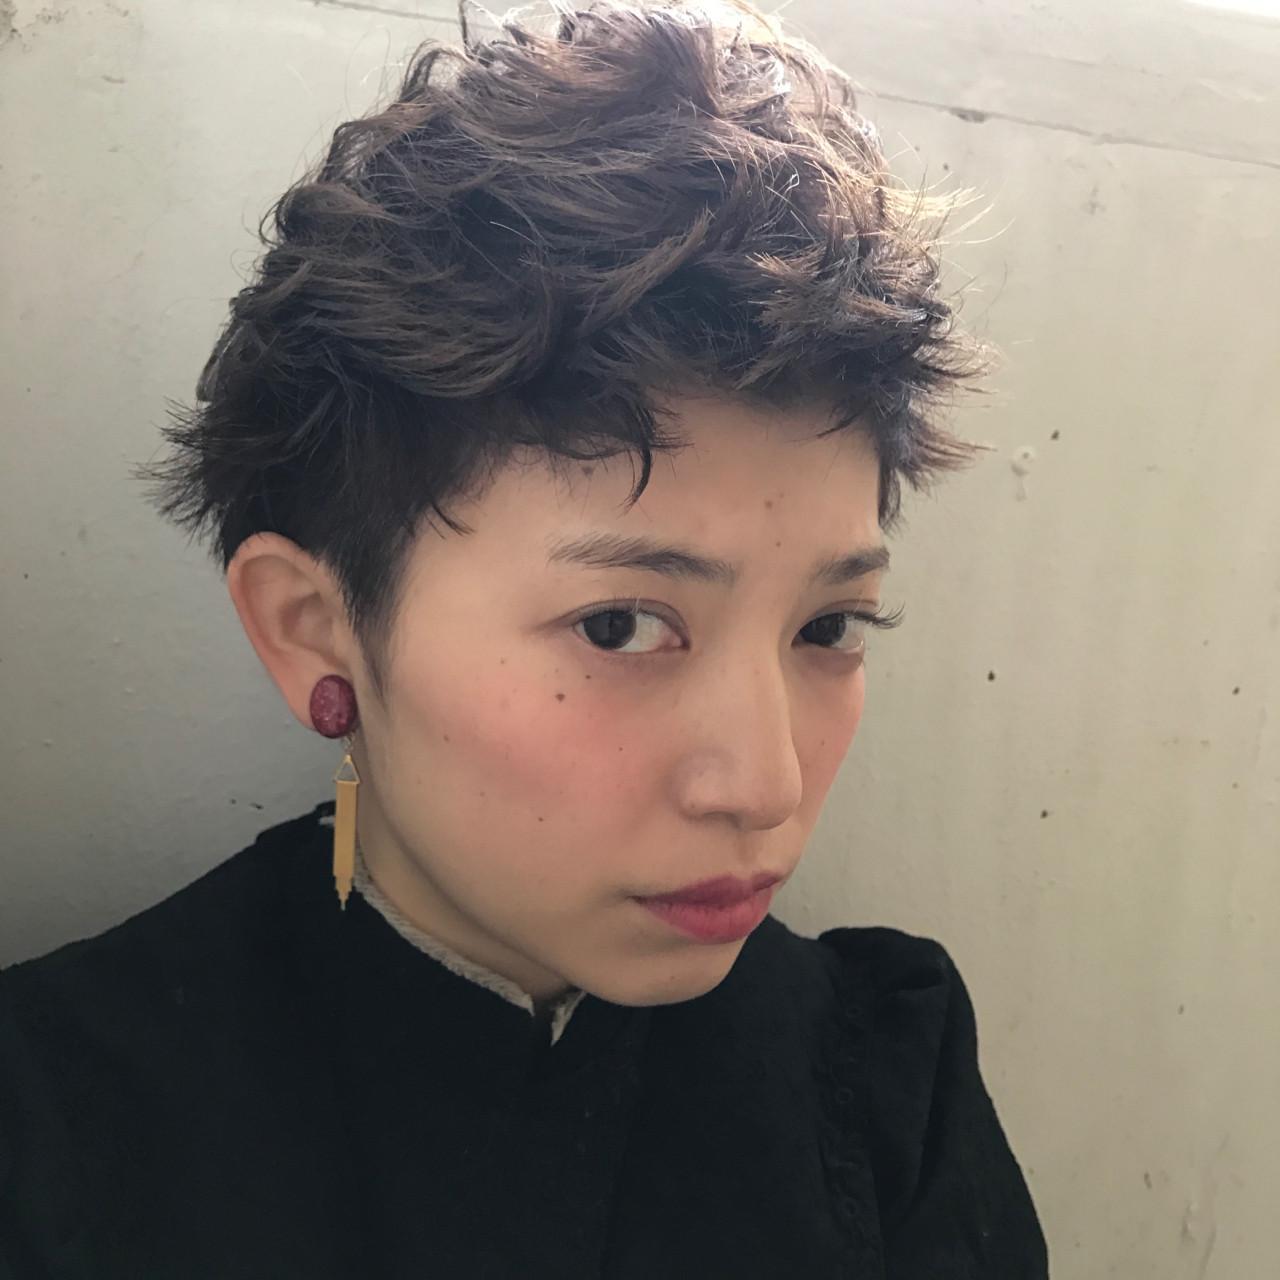 中性的な髪型で目指すはイケメン女子!ファッション×ジェンダーレスヘア